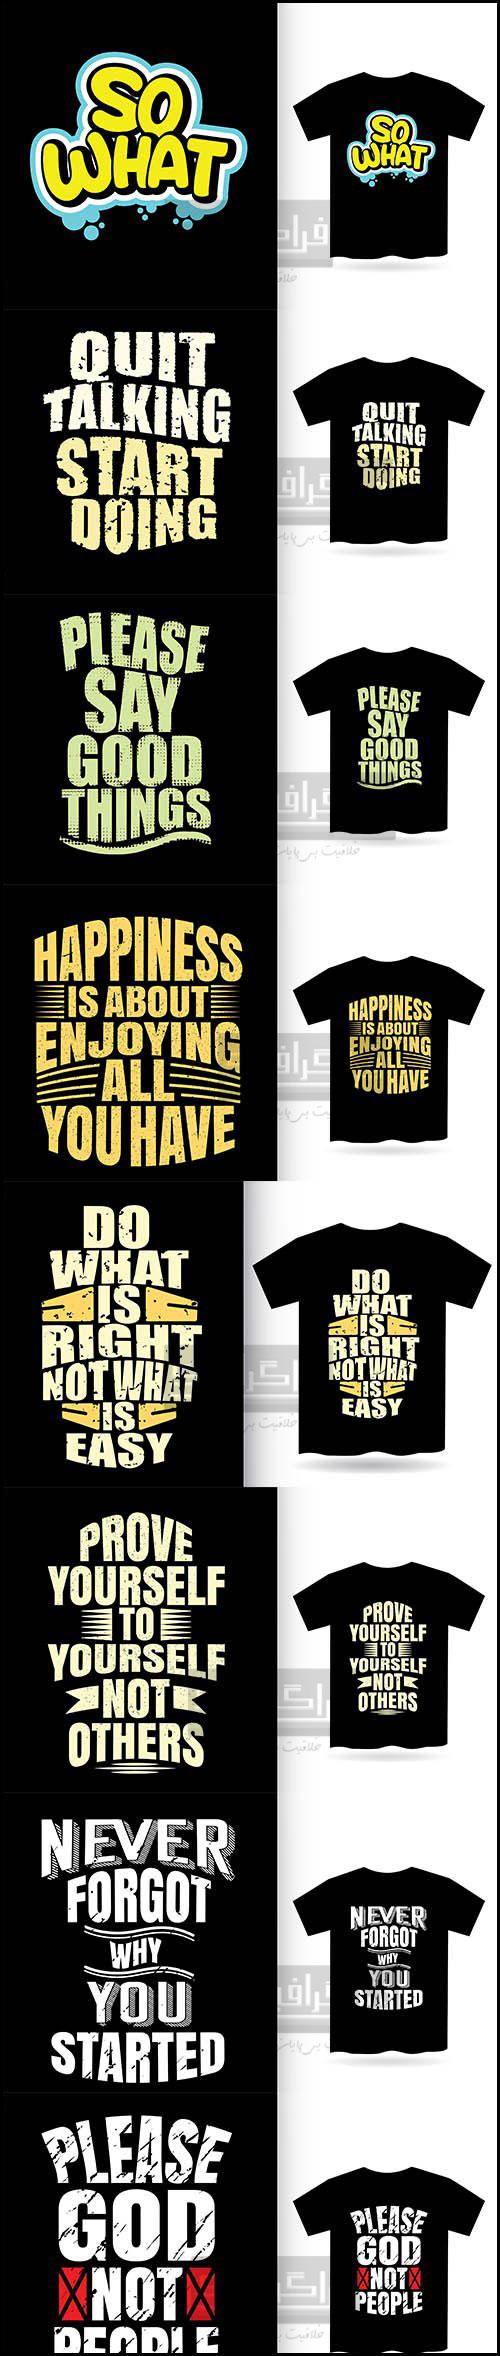 دانلود وکتور طرح های تایپوگرافی تی شرت - شماره 2